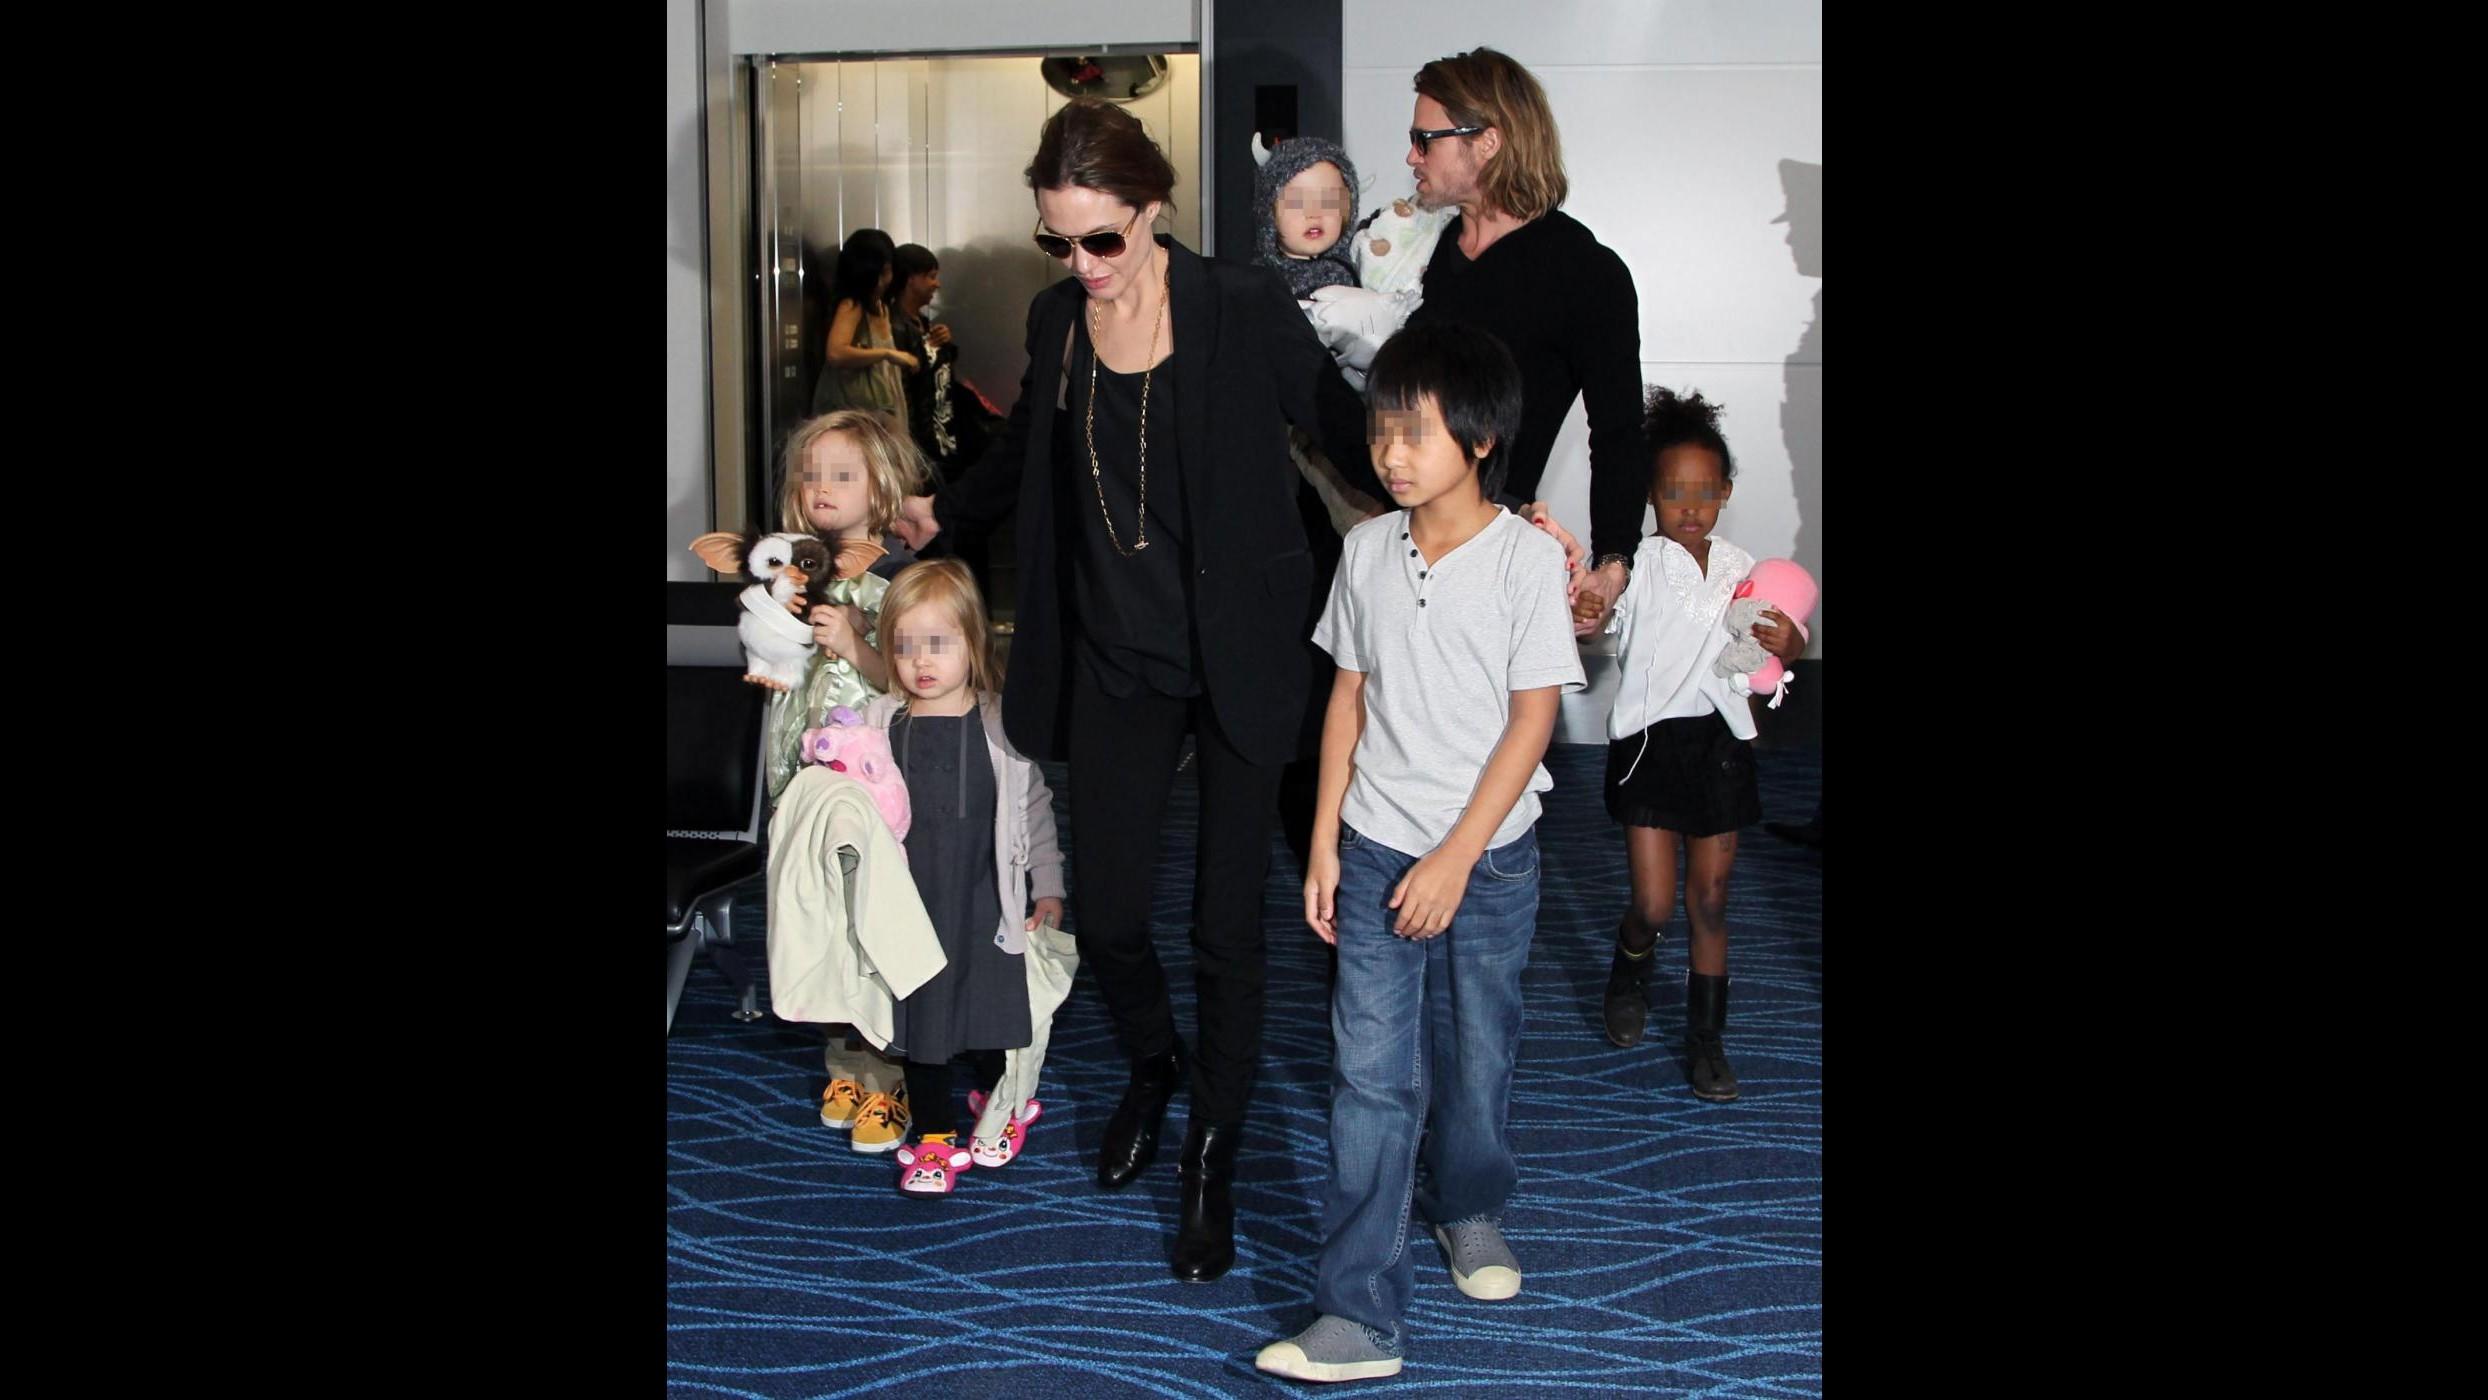 Pitt e Jolie fanno conoscere al figlio Pax la nonna biologica